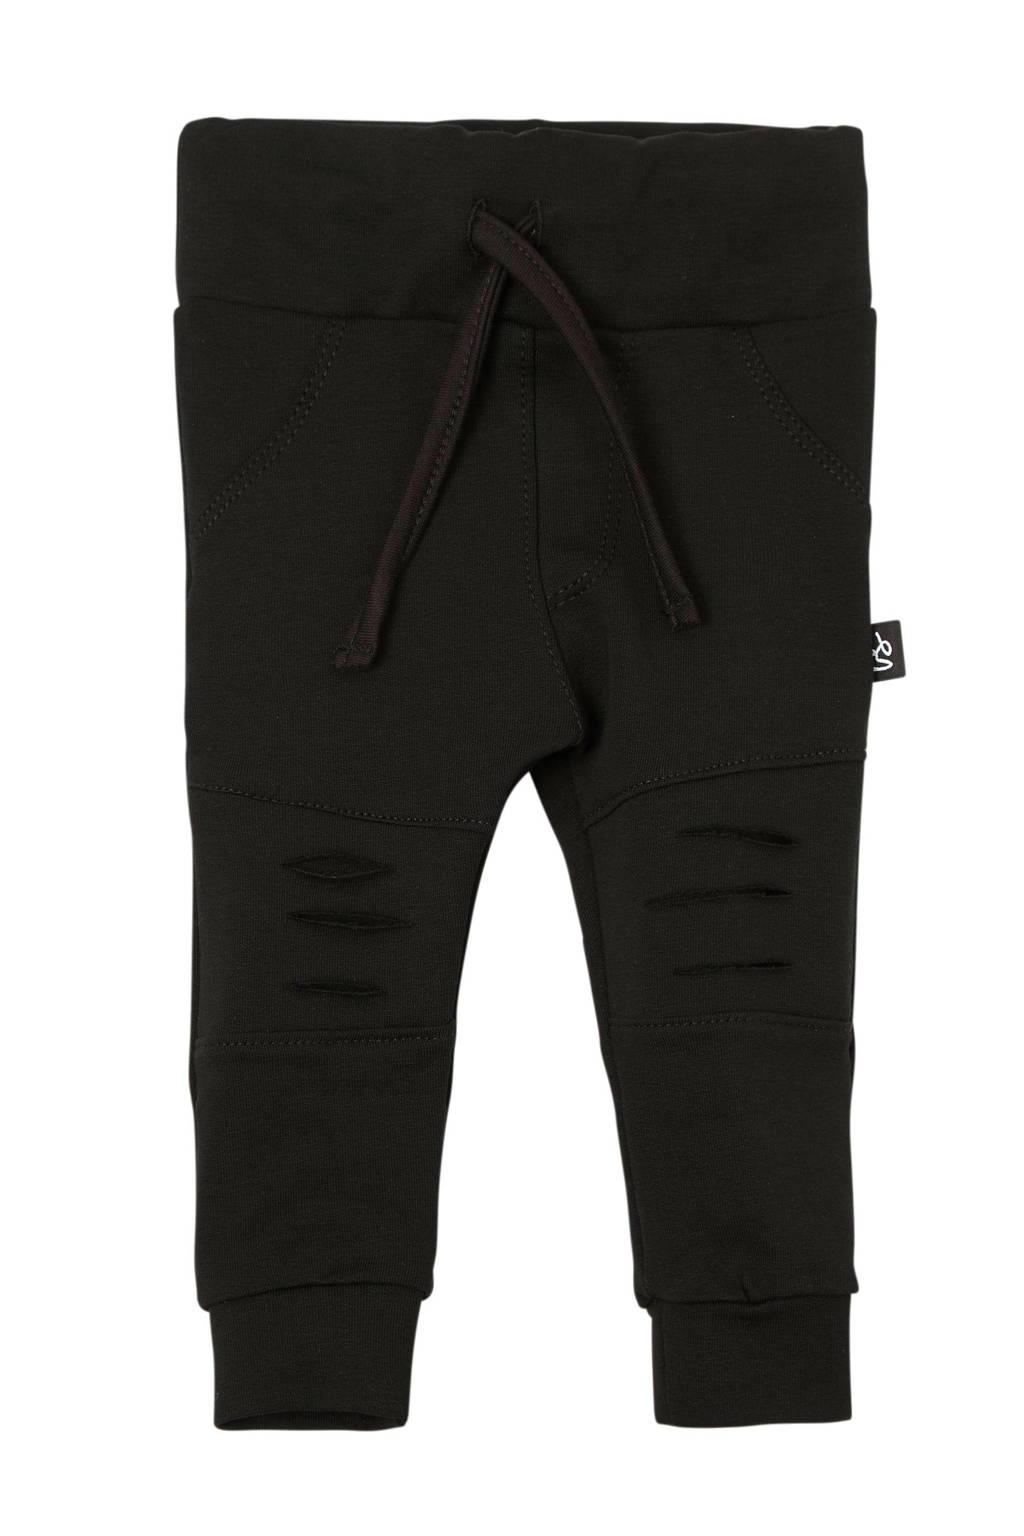 Babystyling broek zwart, Zwart